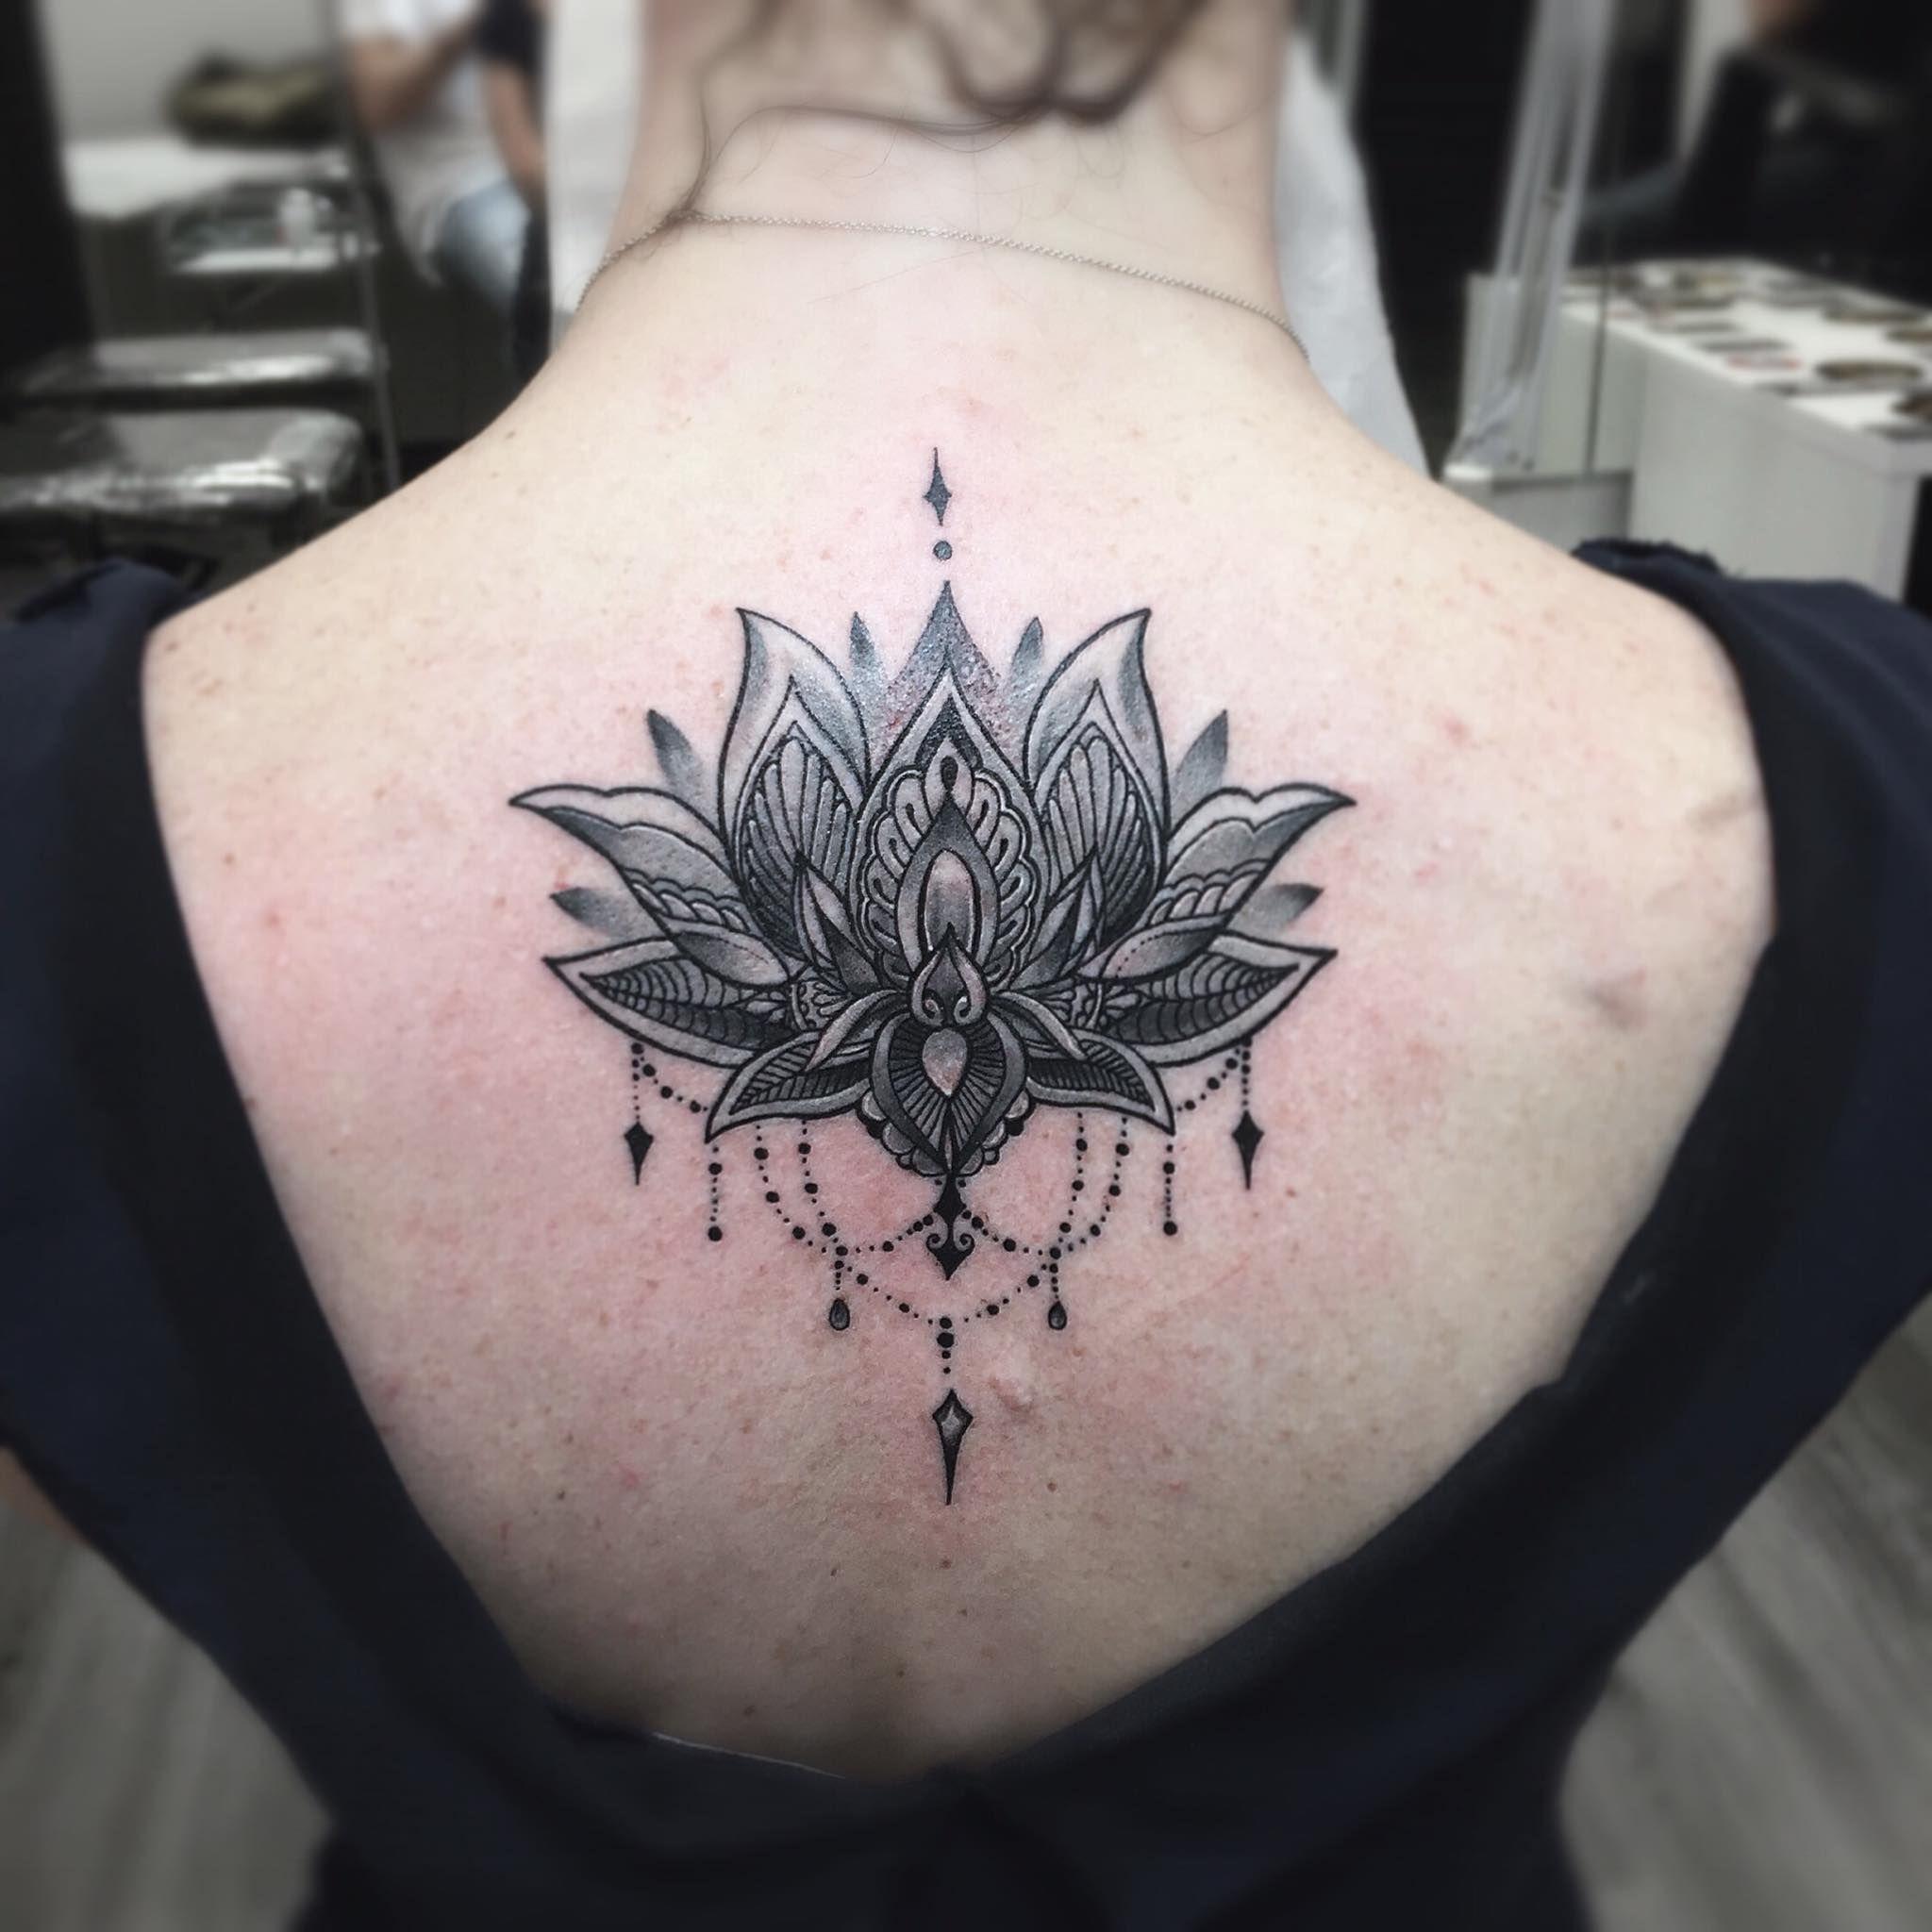 Lotus flower tatuaggio fiore di loto fiore di loto mandala lotus lotus flower tatuaggio fiore di loto fiore di loto mandala lotus flower tattoo izmirmasajfo Image collections